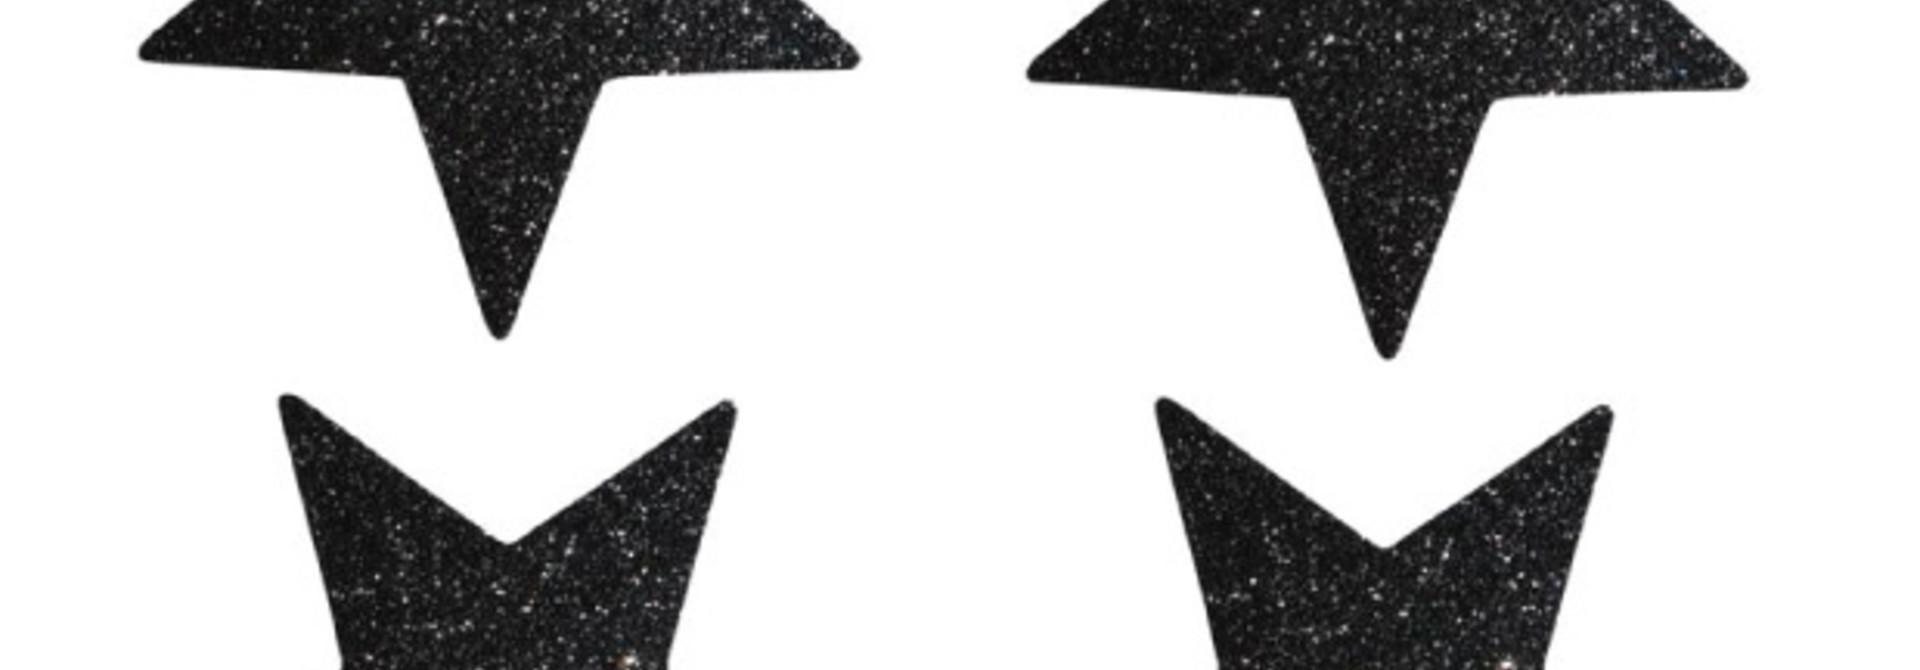 Sterren stickers zwart glitter (24st) Delight Departement